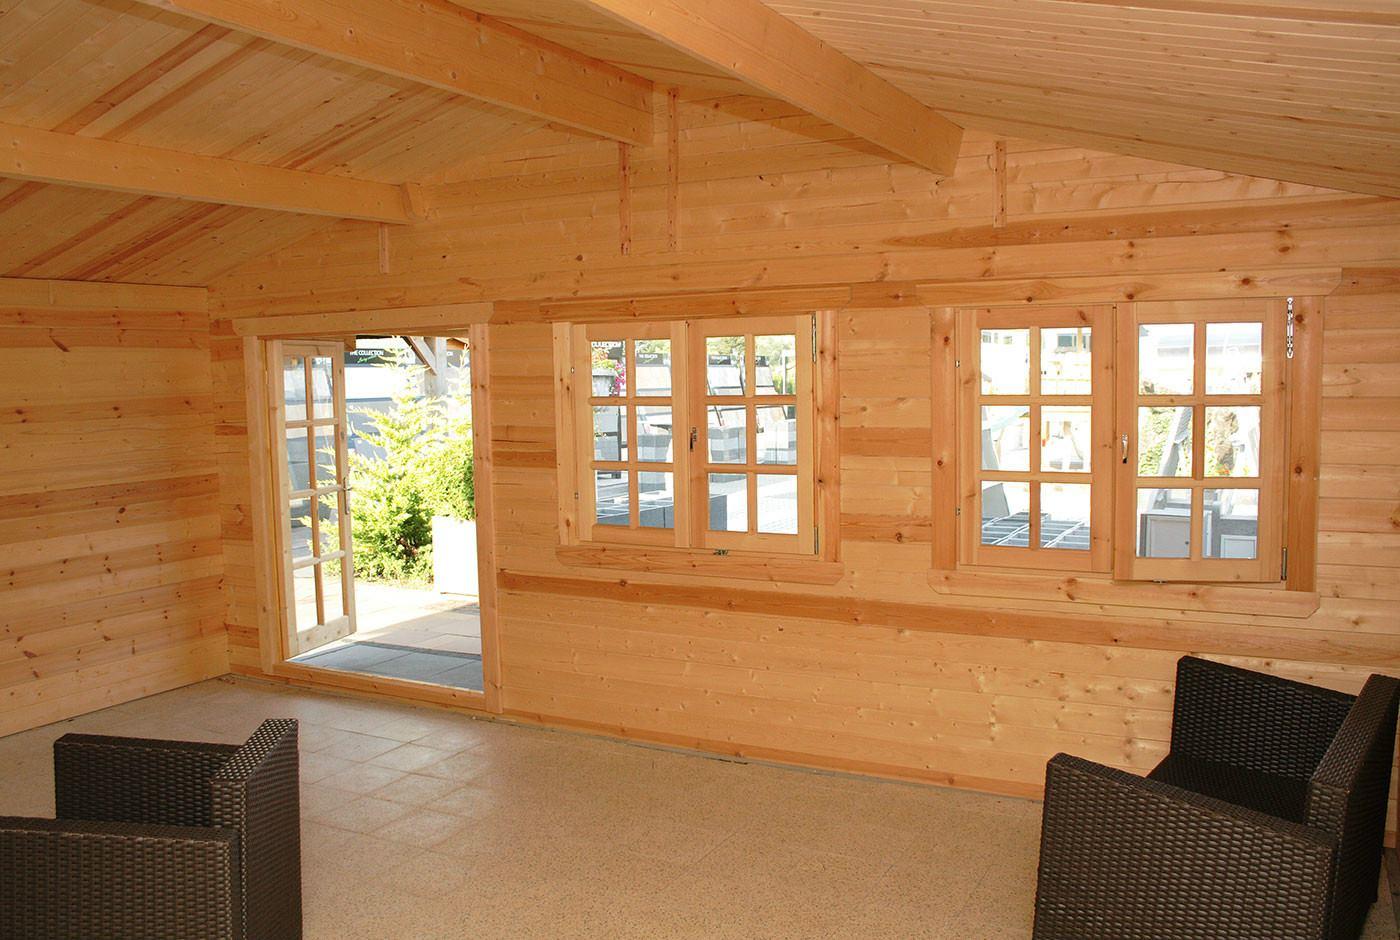 Fußboden Gartenhaus Osb ~ Der richtige fußboden im gartenhaus so muss das